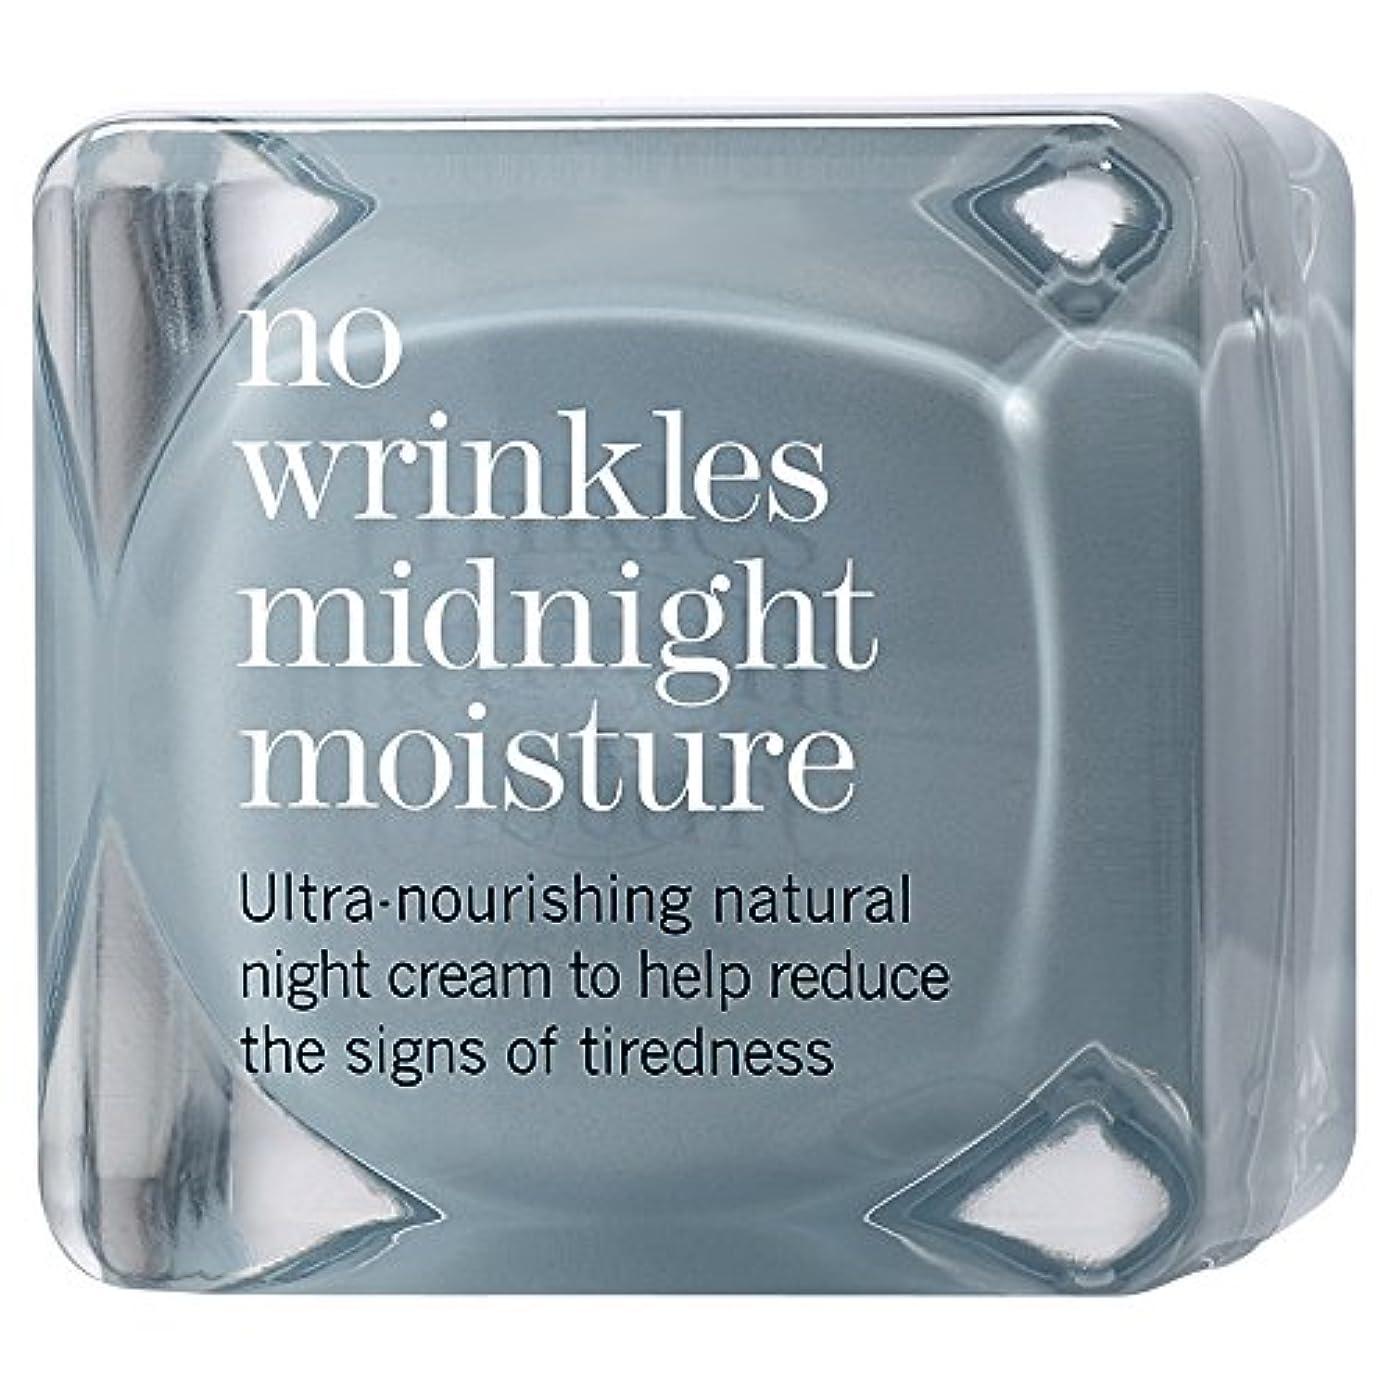 つかむ努力シートこれにはしわ真夜中の水分48ミリリットルの作品はありません (This Works) (x2) - This Works No Wrinkles Midnight Moisture 48ml (Pack of 2) [並行輸入品]